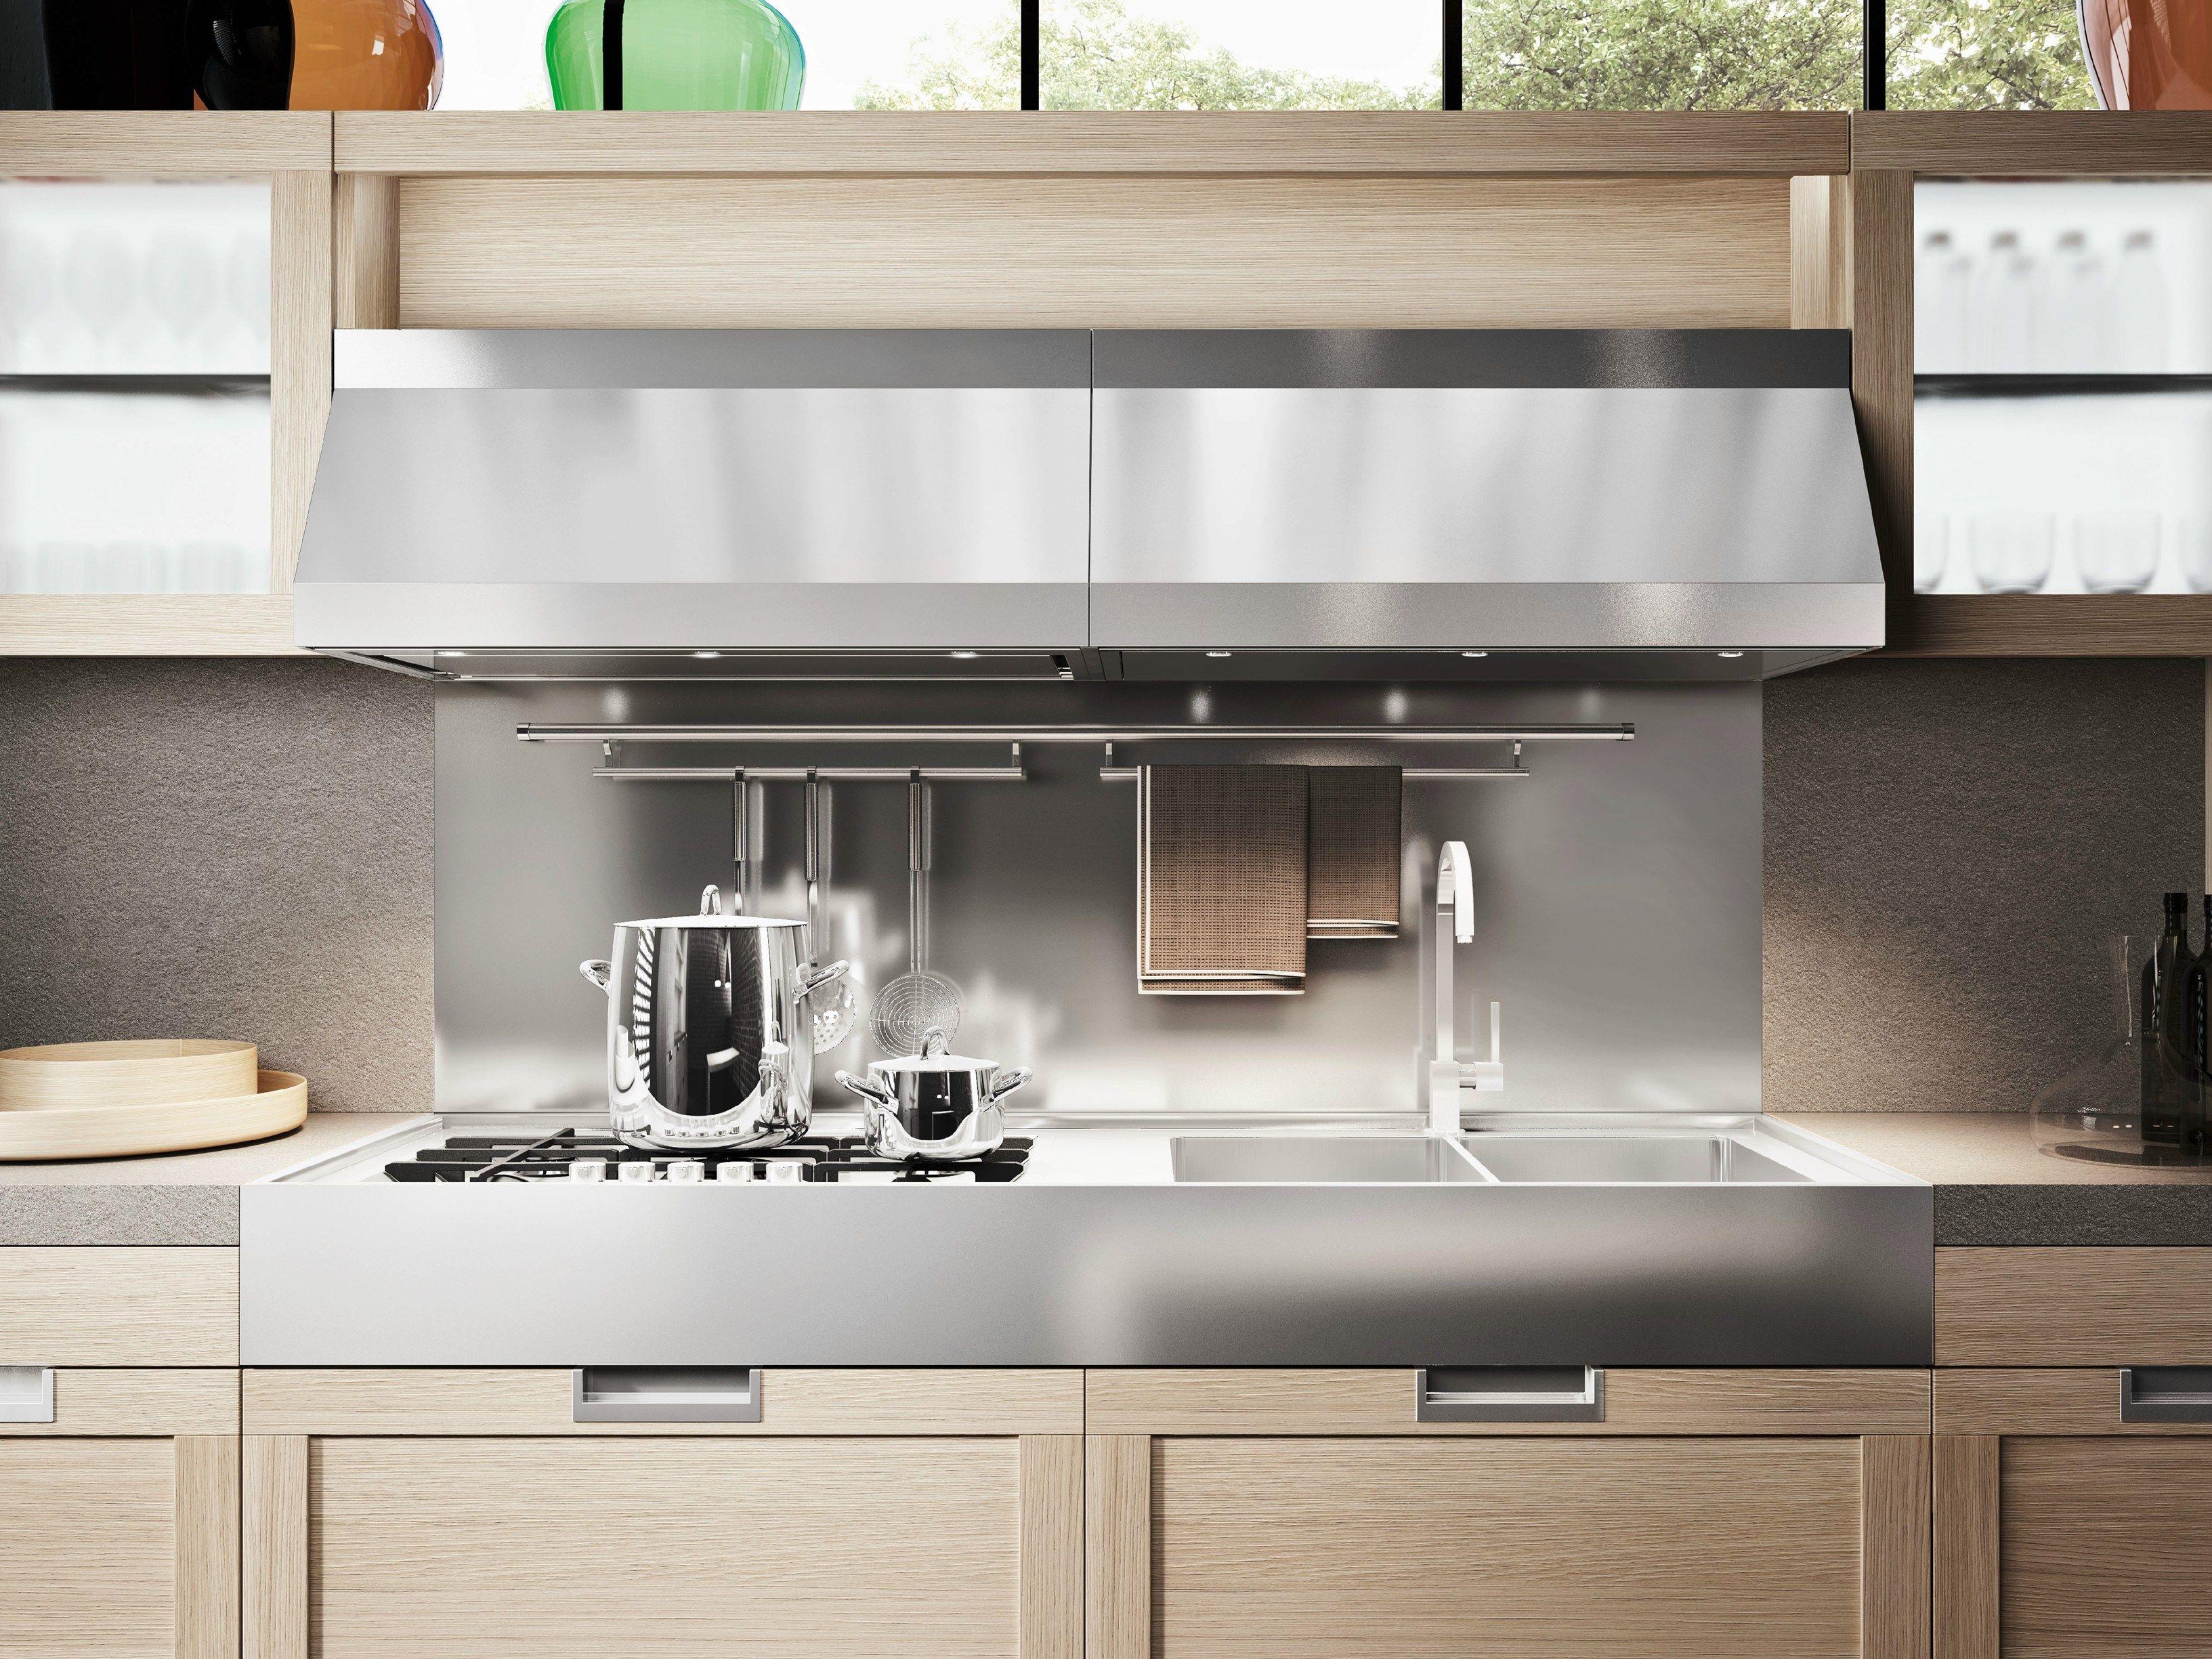 Cucina Lux Snaidero Prezzi lux classic cucina lineare collezione sistema by snaidero